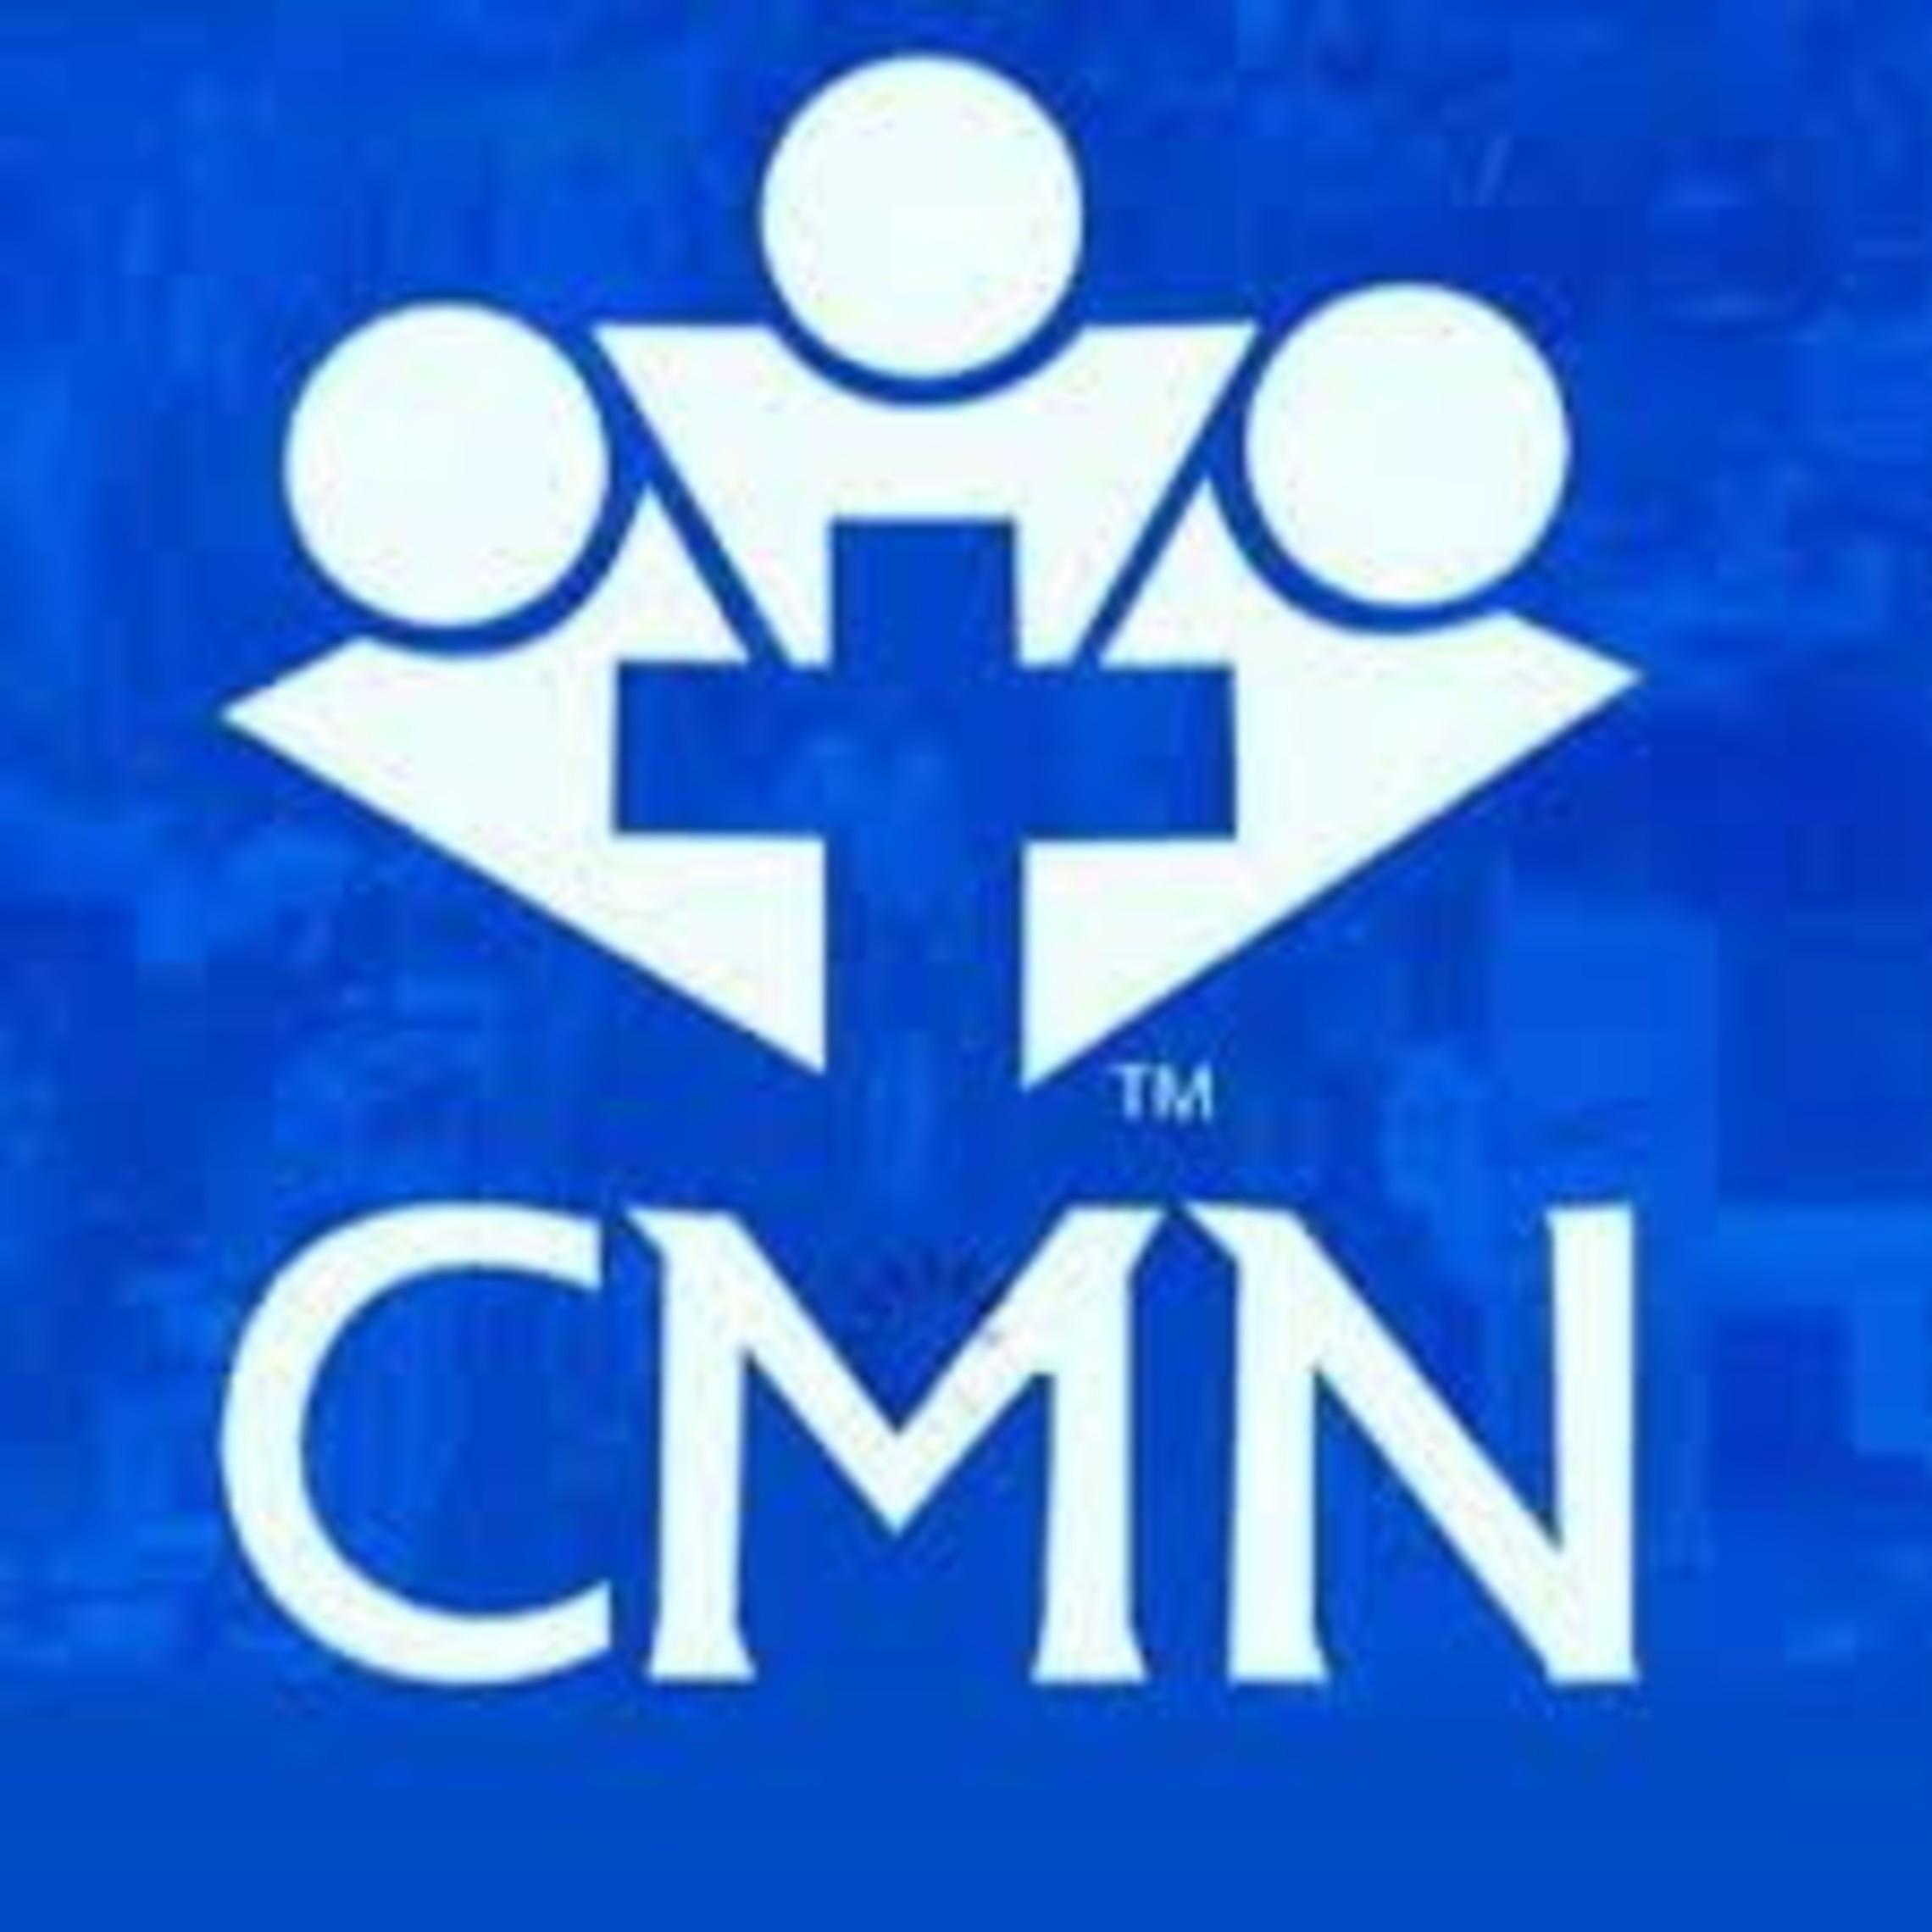 Catholic Marketing Network Logo